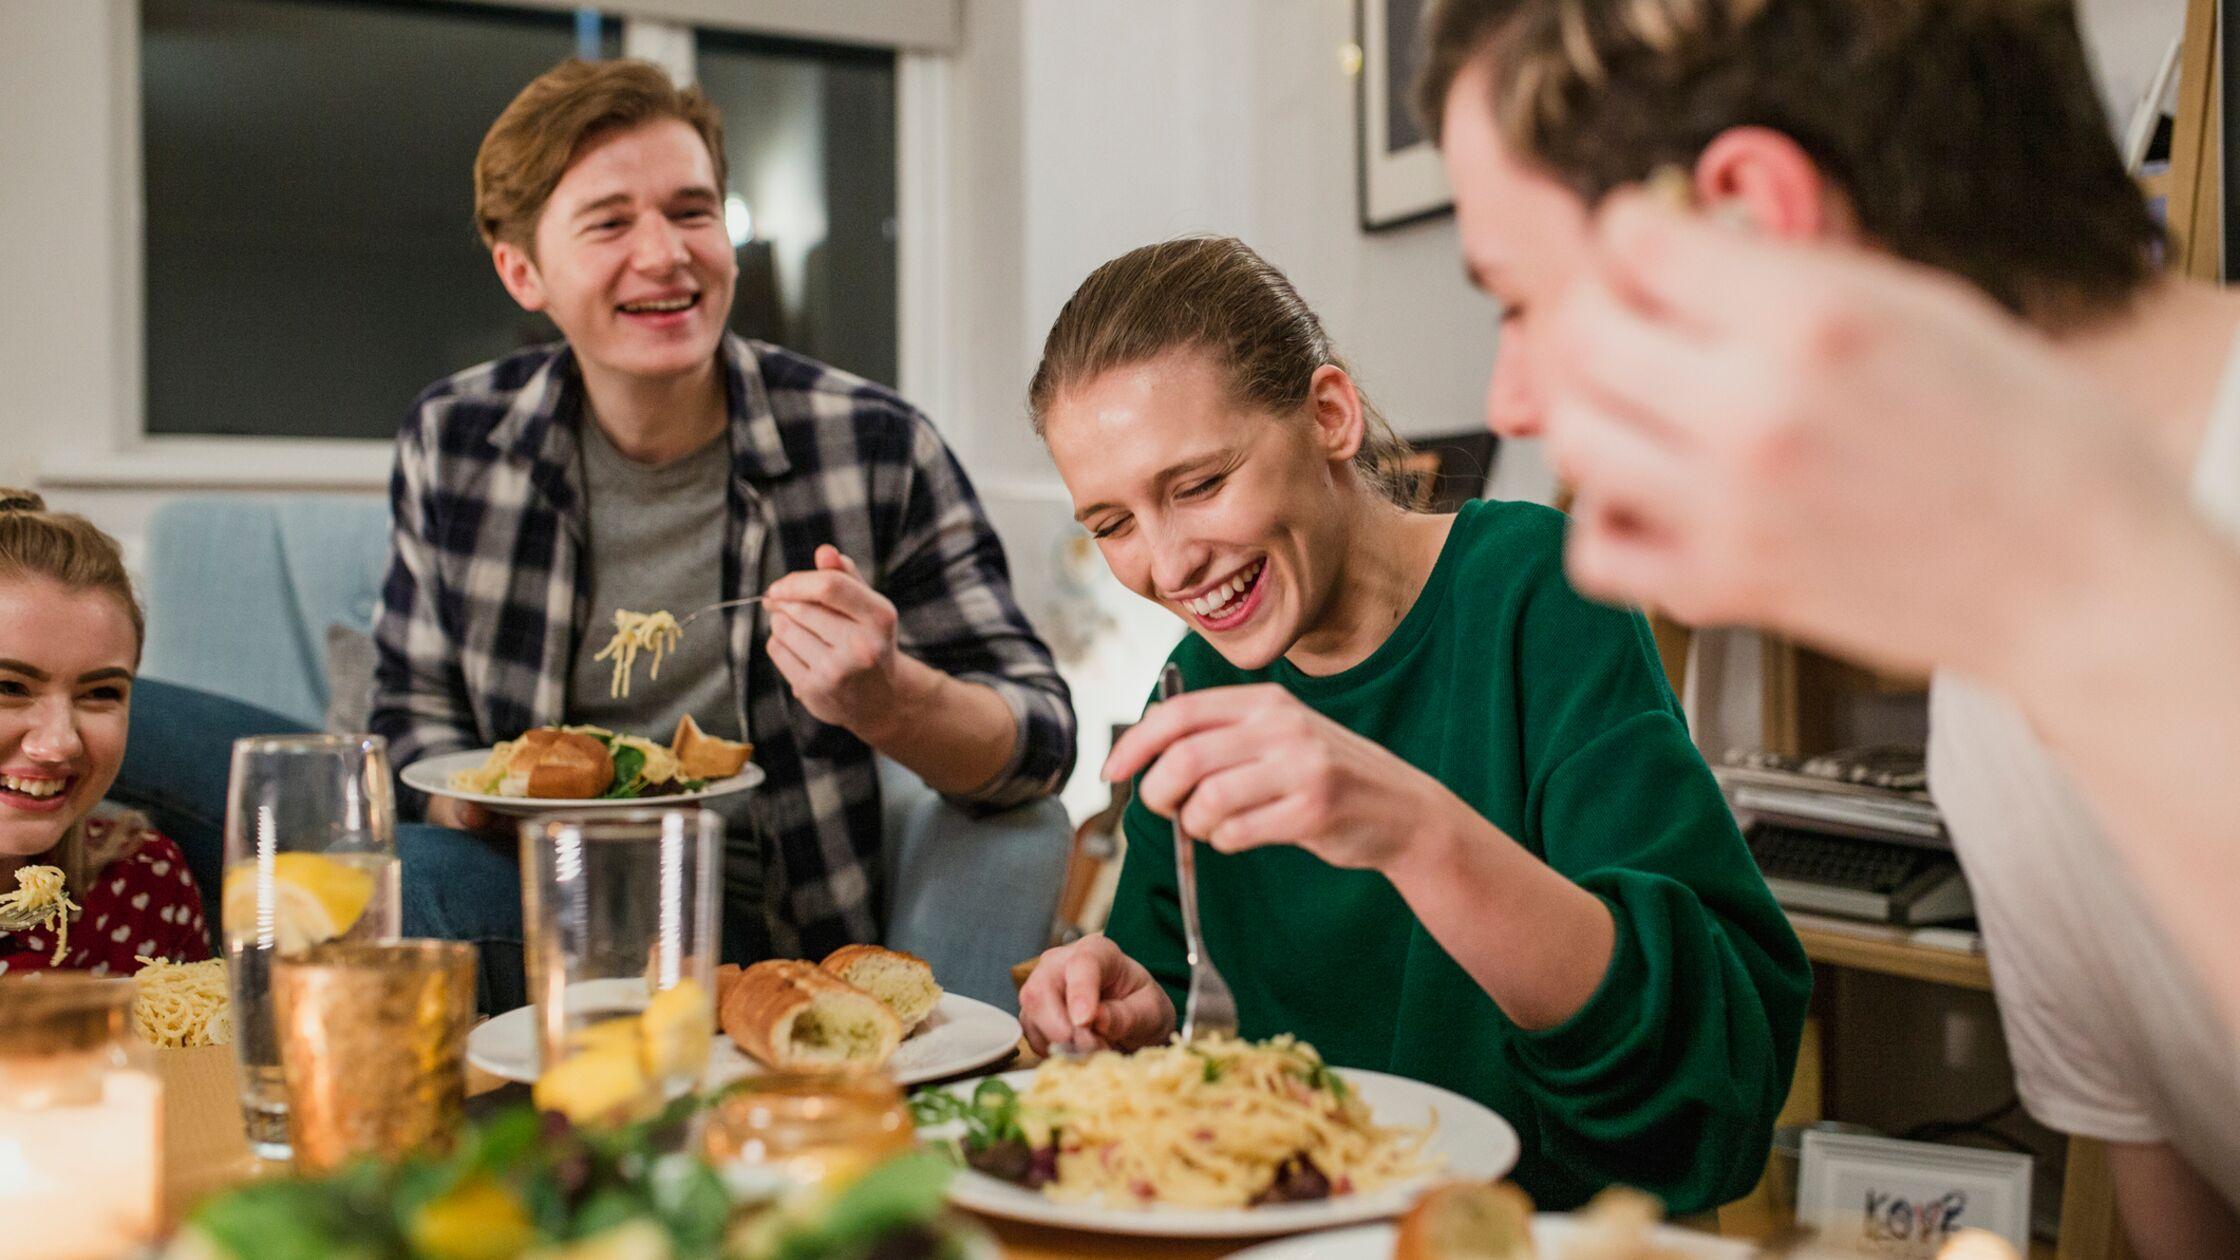 Lachende junge Leute kochen und essen zusammen